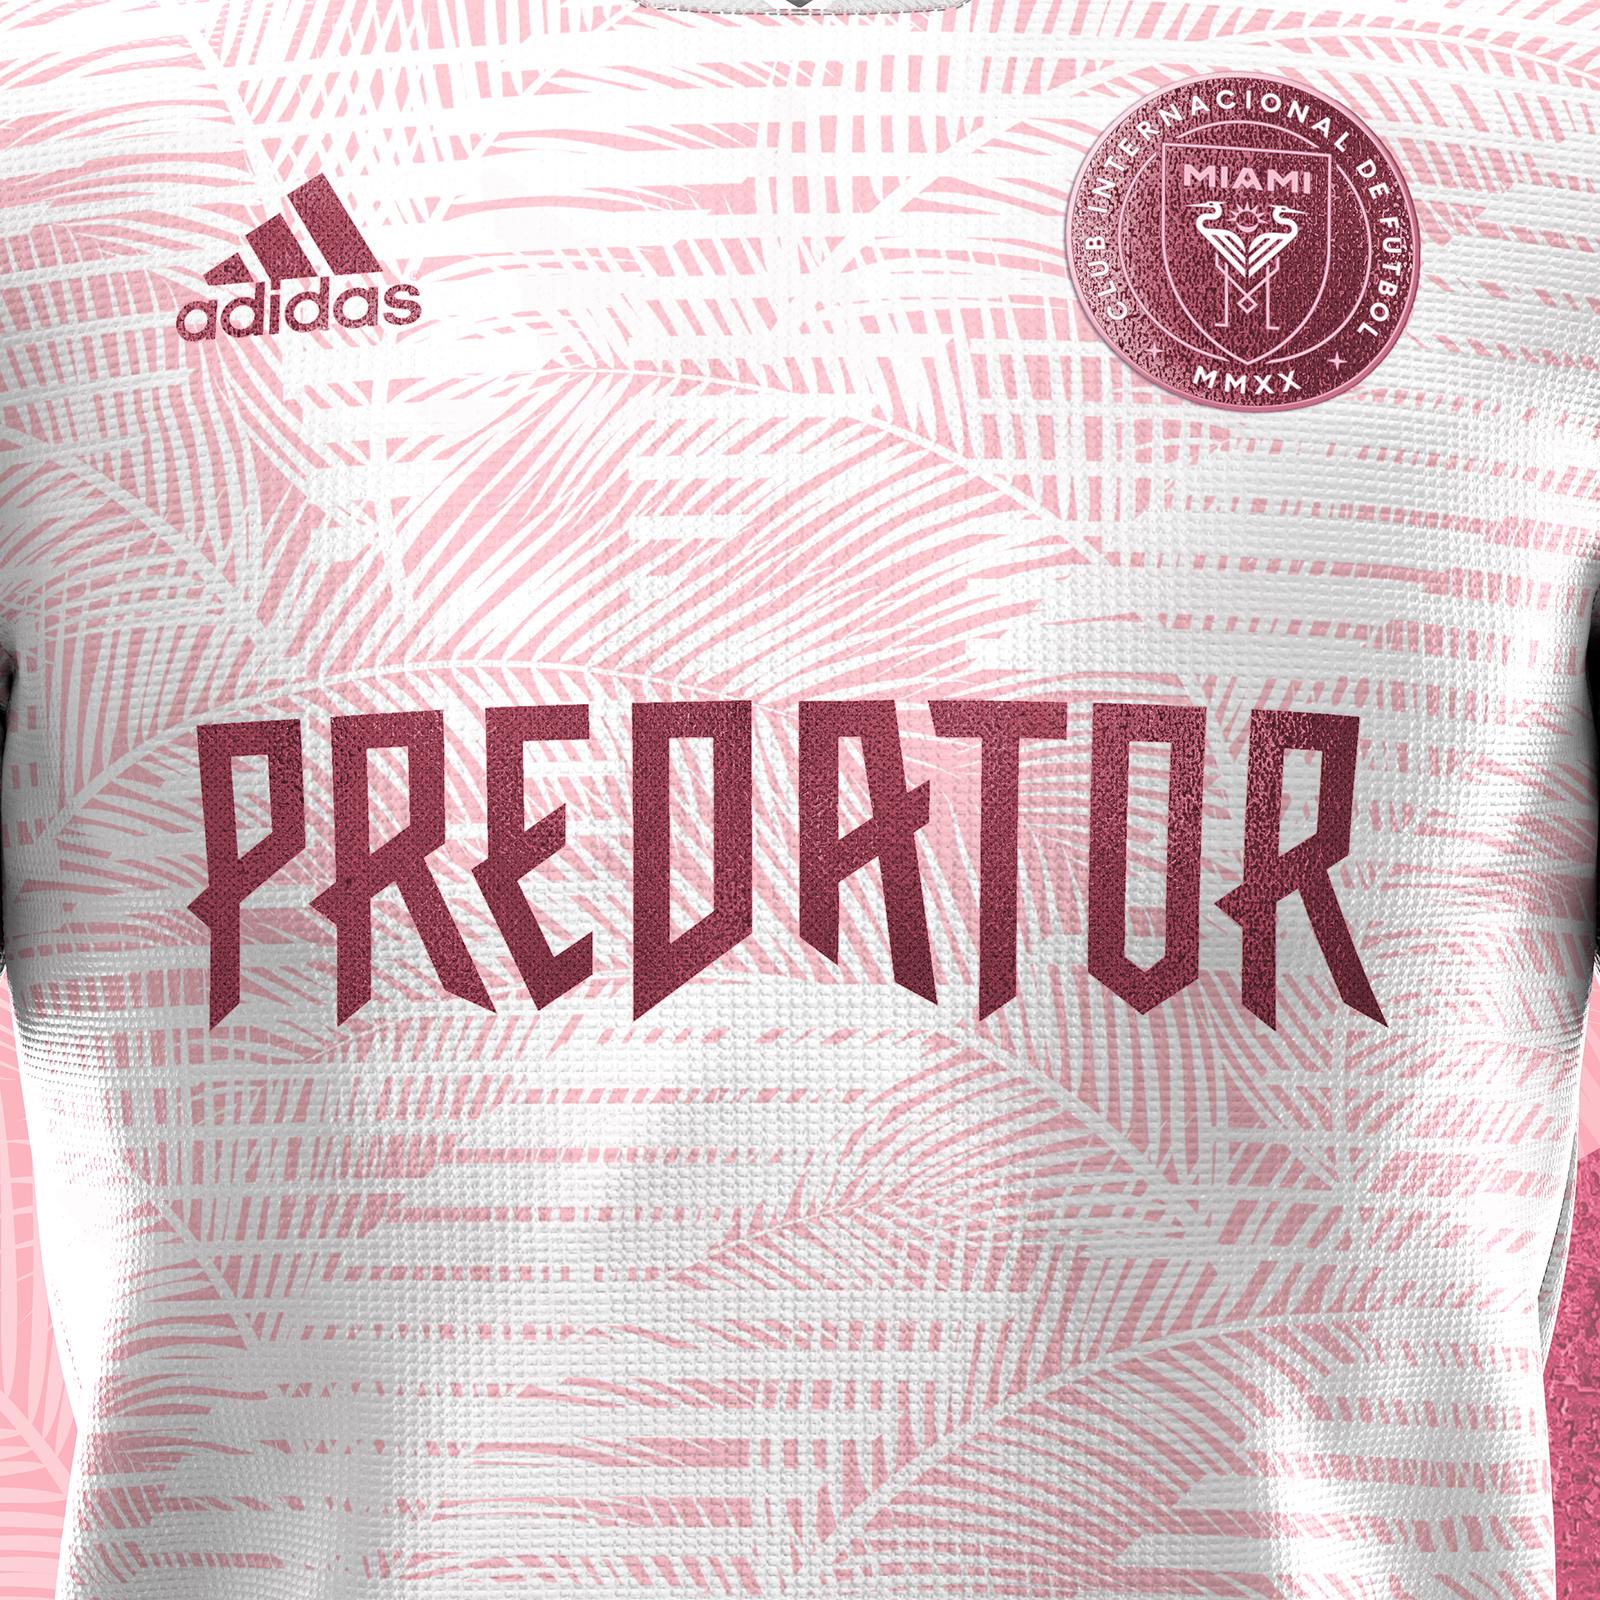 inter miami jersey concept rupertgraphic